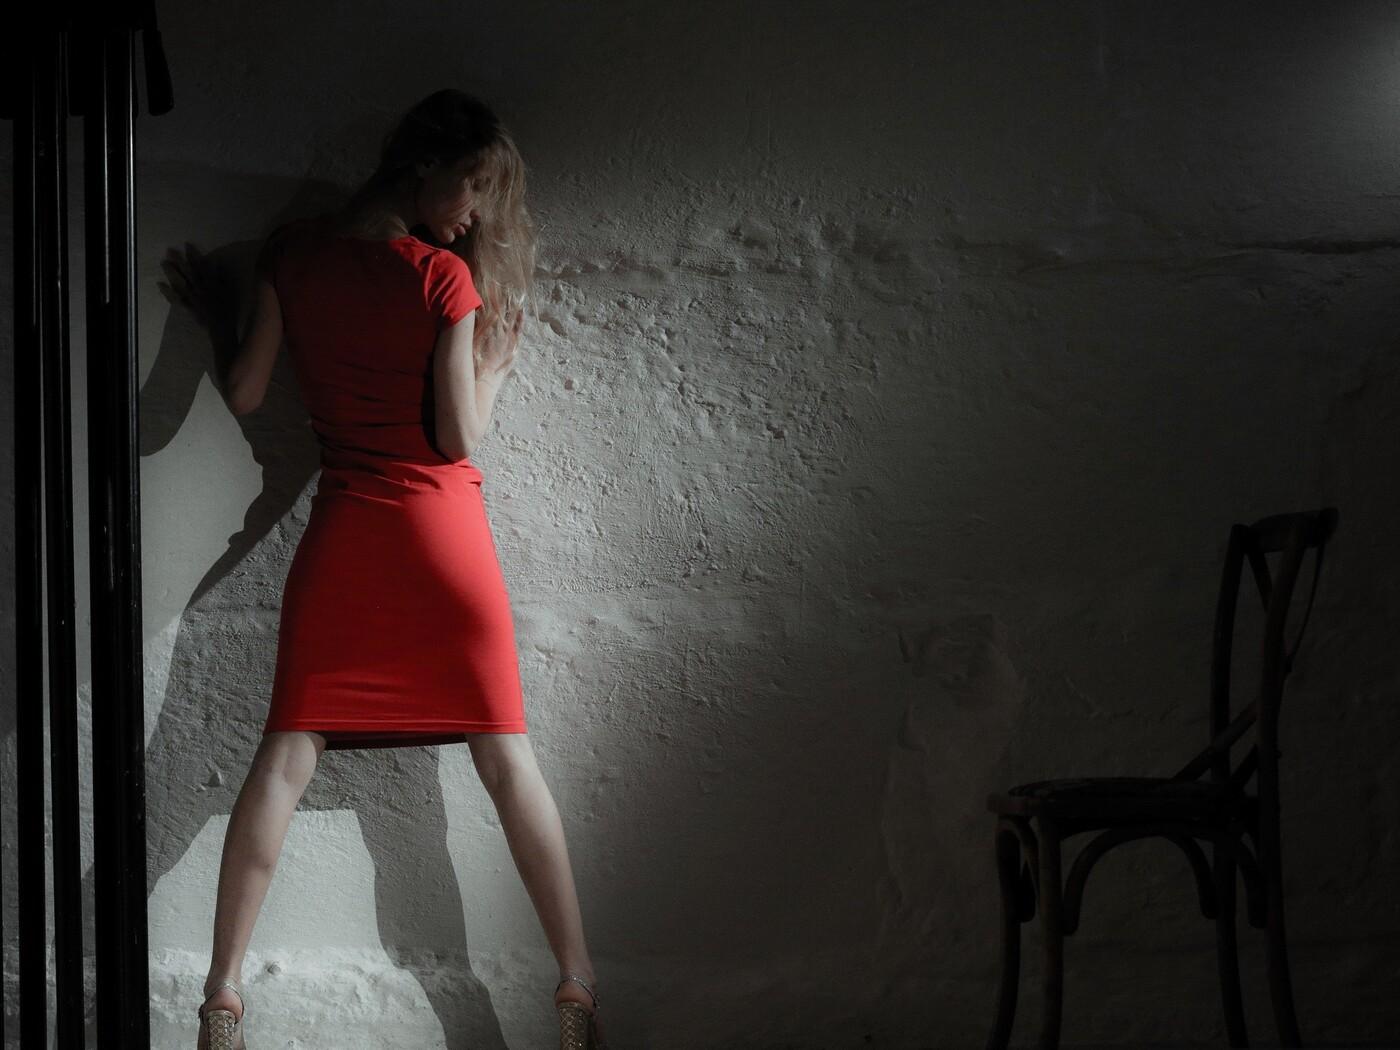 red-dress-model-image.jpg